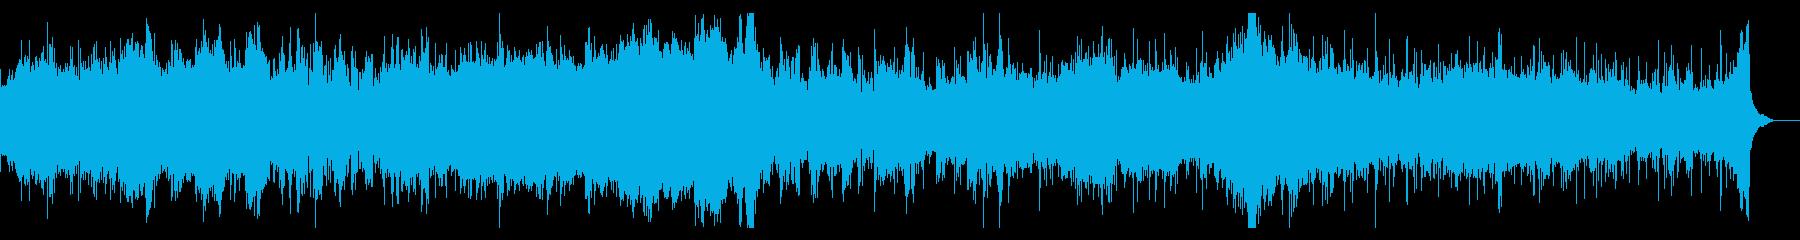 シネマティックでインテリジェンスなIDMの再生済みの波形